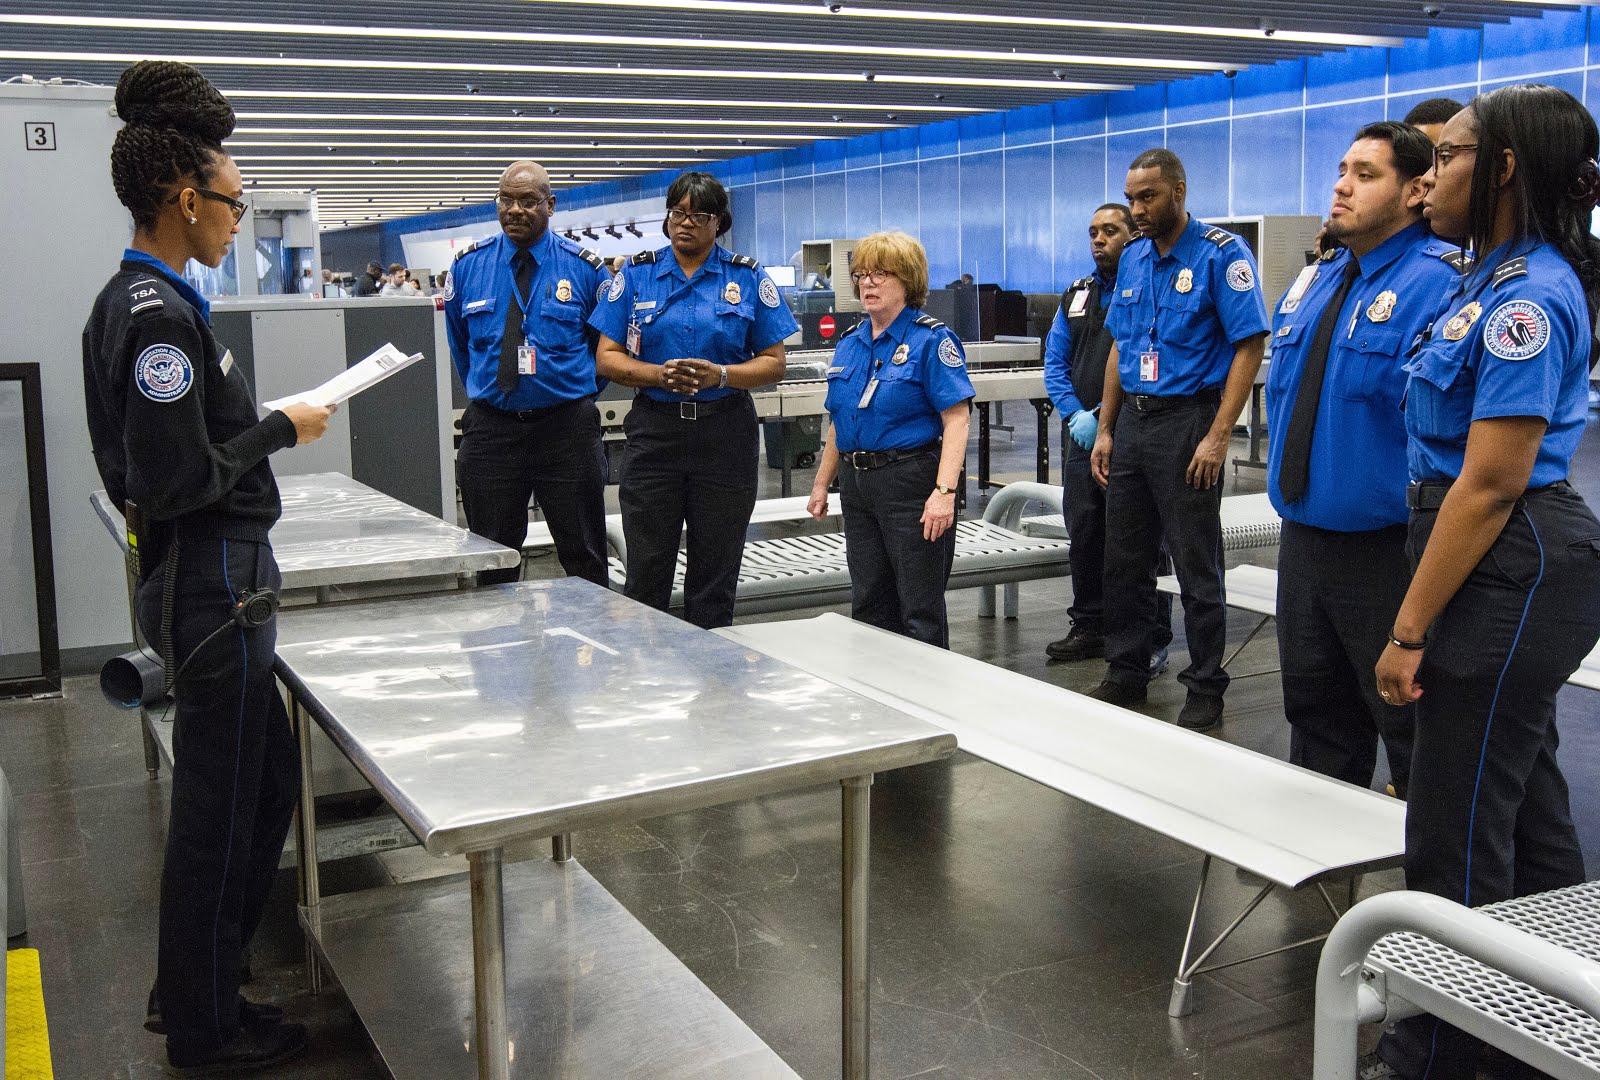 training at jfk - Transportation Security Officer